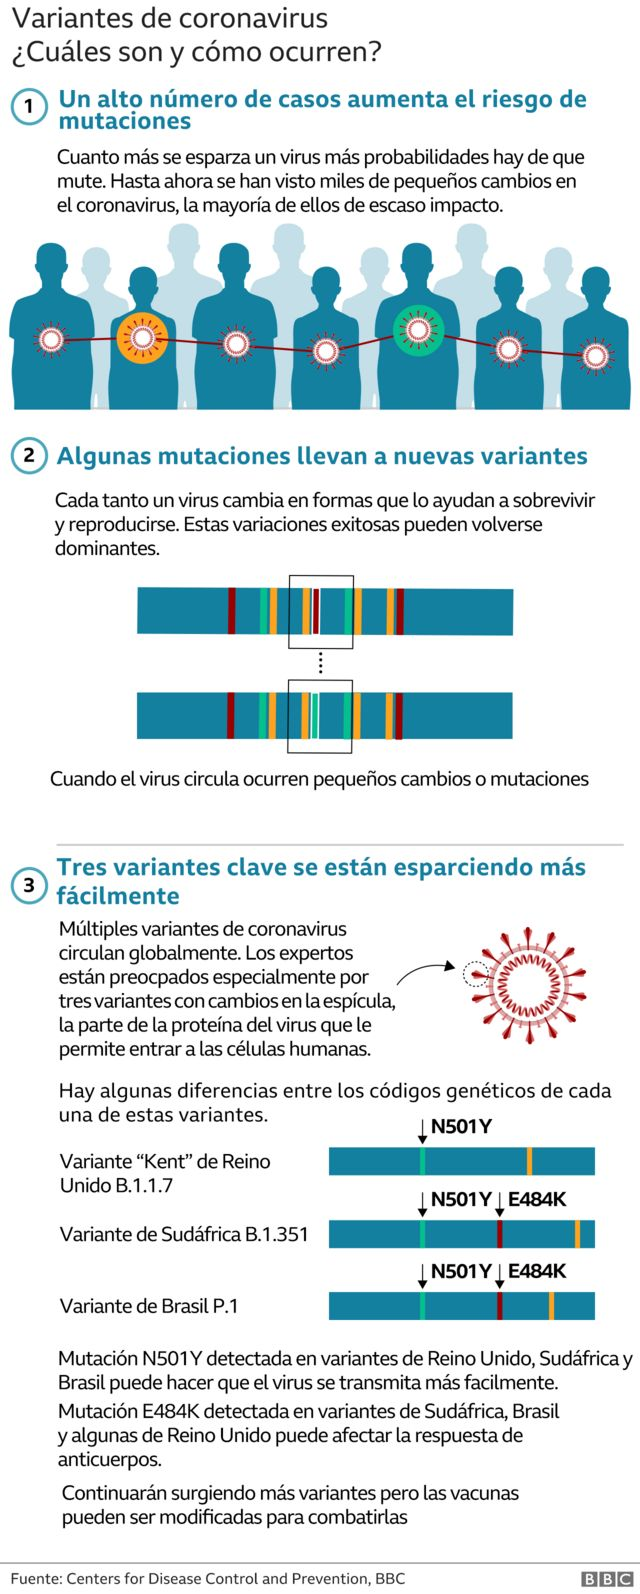 Gráfico sobre cómo surgen las variantes de coronavirus